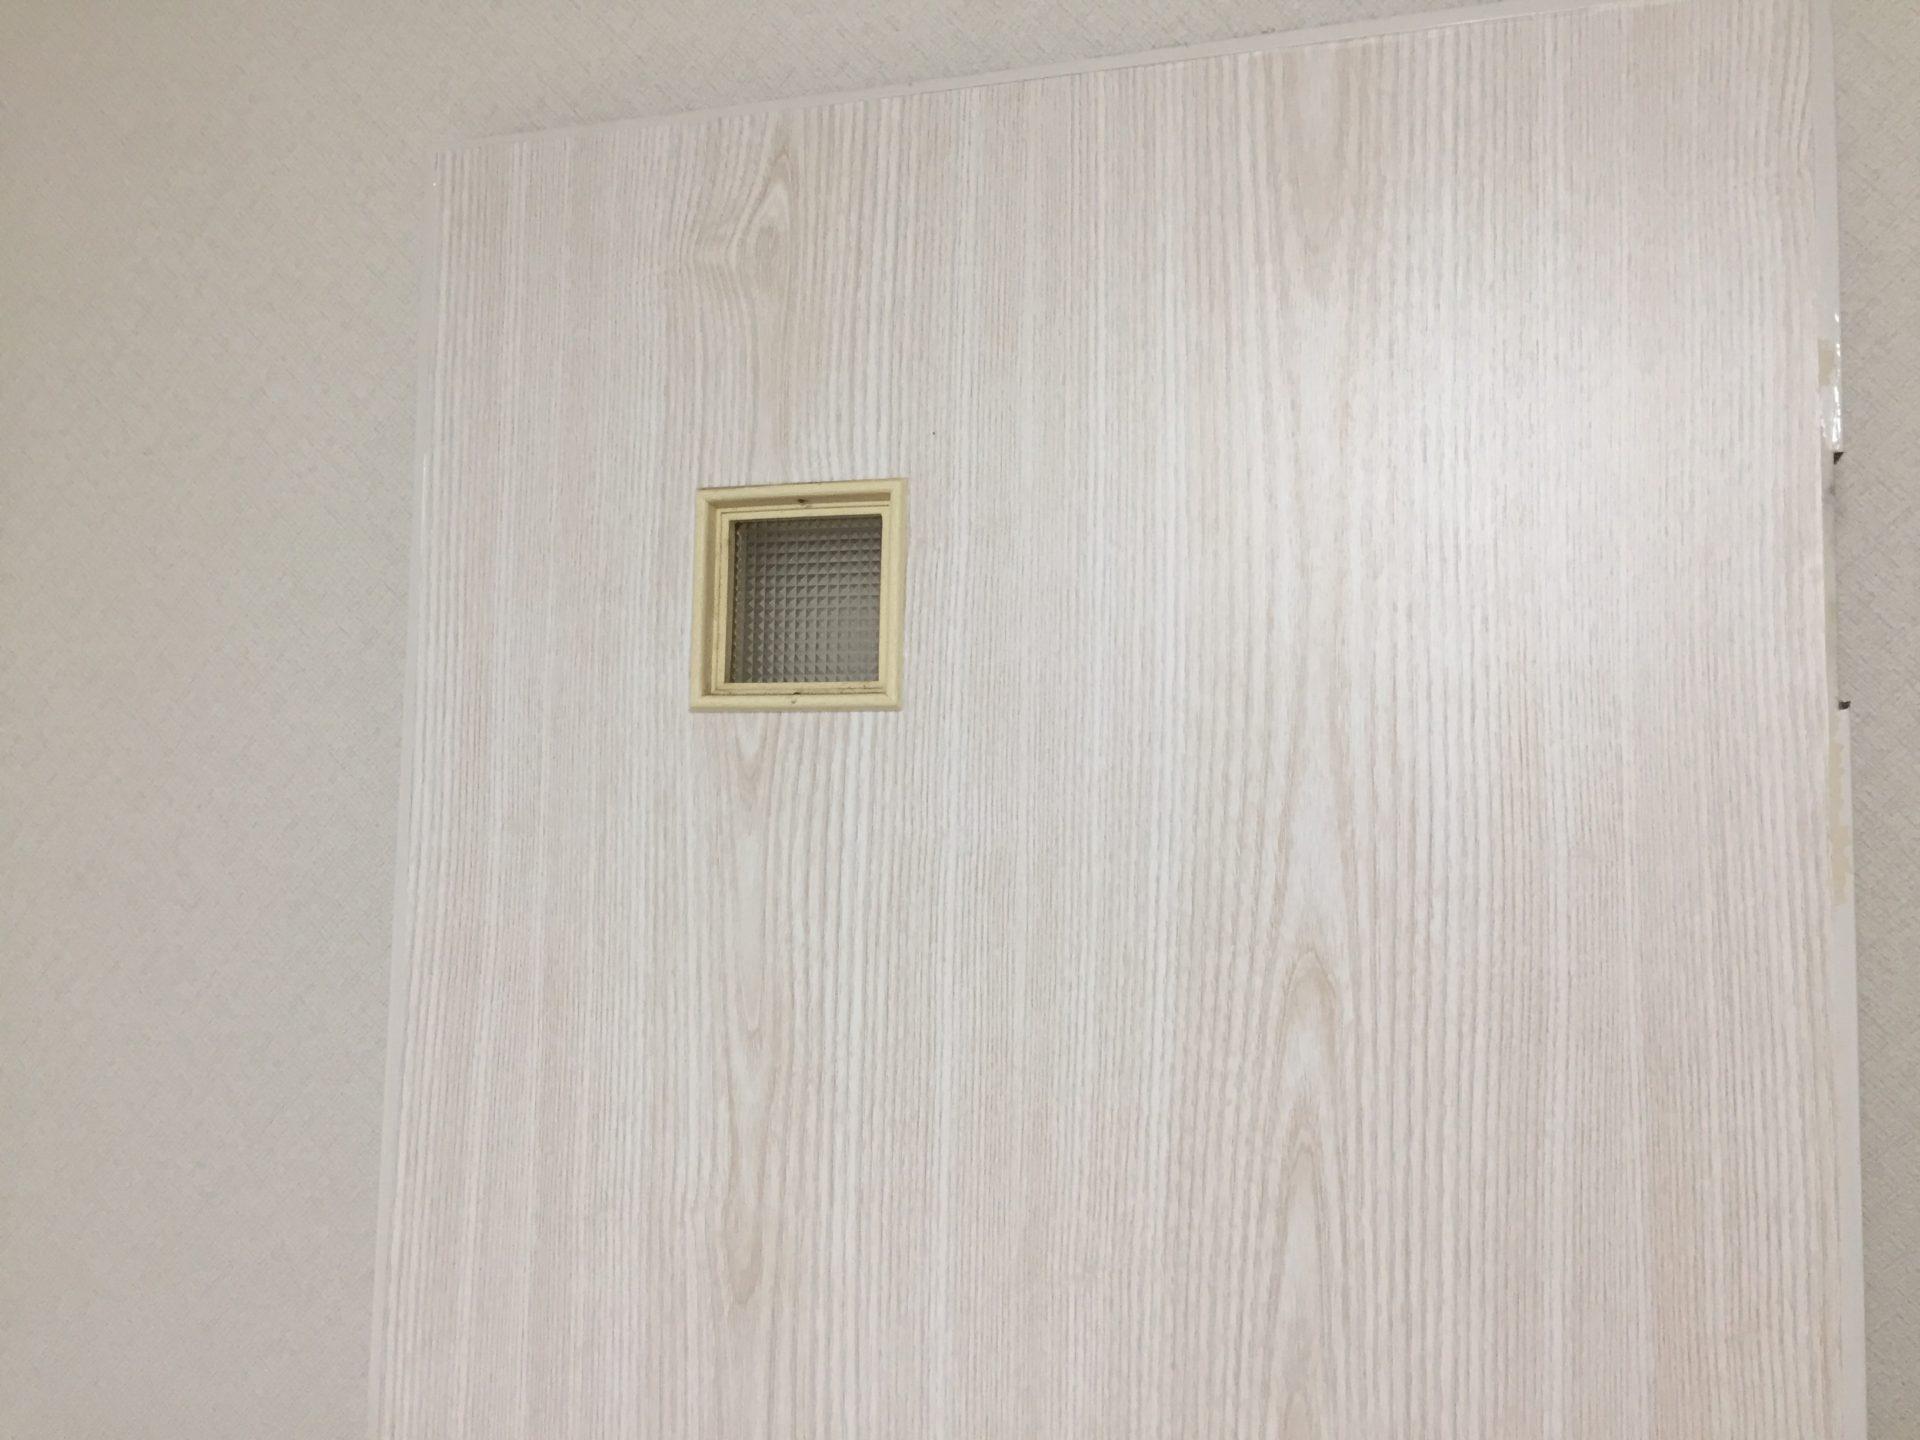 Diy トイレのドアに他のドアと同じ柄のシートを貼りました こちらの部屋の他のドアはすべて明るめの木目柄の壁紙が貼ってありこちらのトイレのドア だけクリーム色一色のドアだったので少し浮いていました これはトイレのドアの素材だけが汚れを防止する目的もありベニア